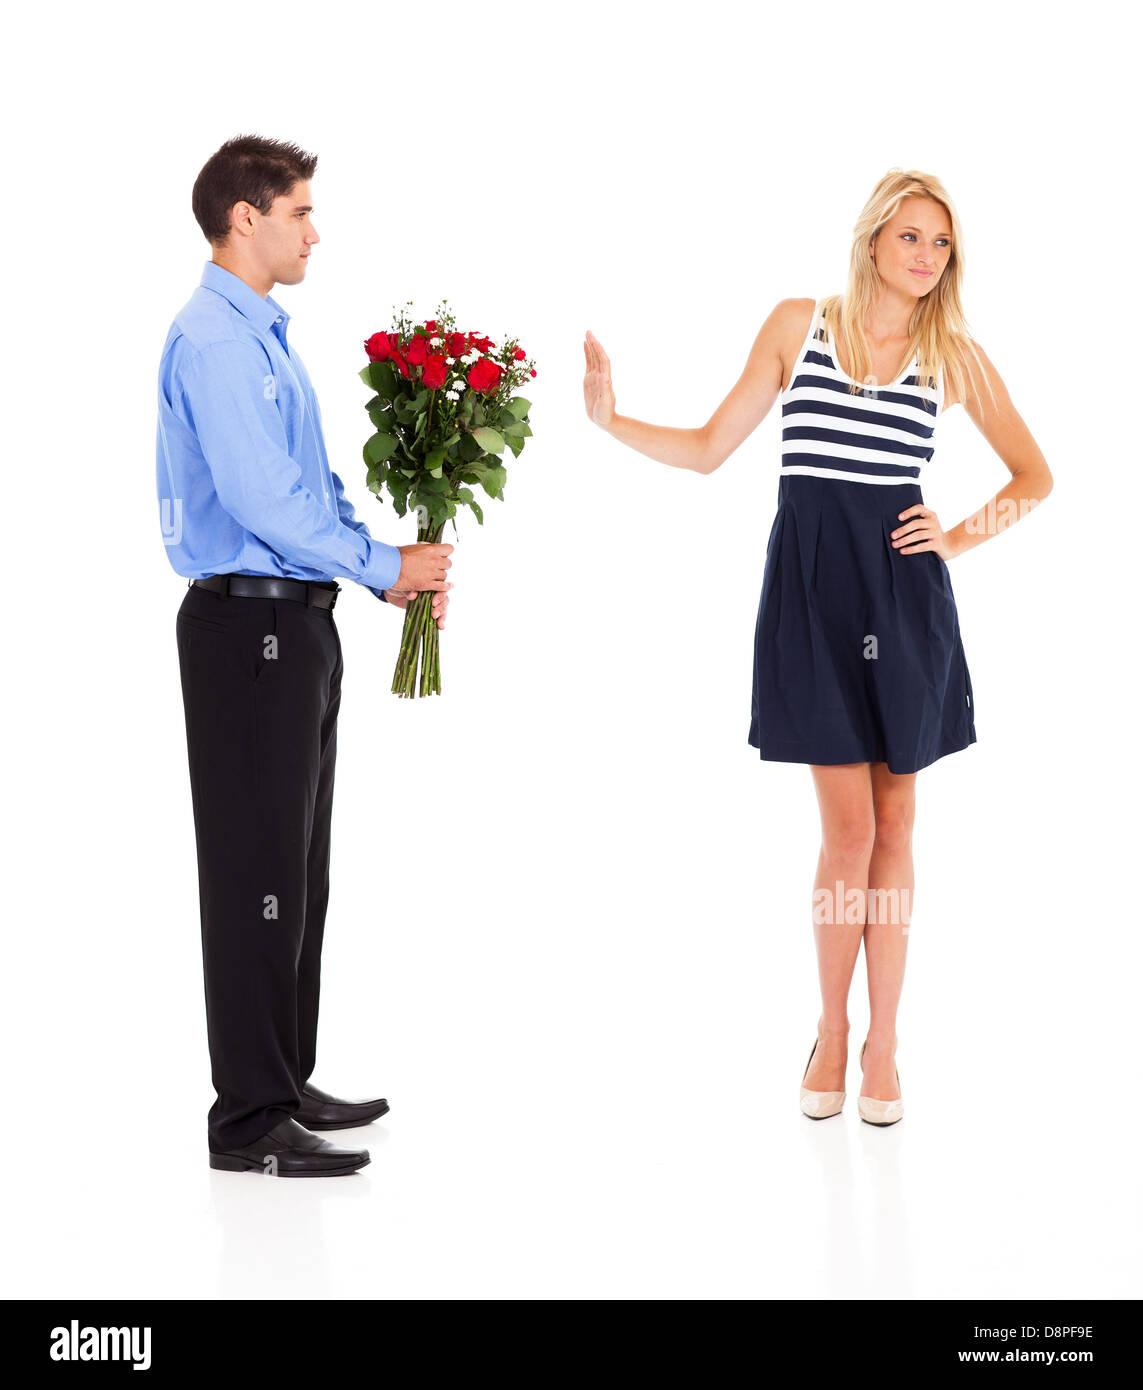 Stockfoto   Junger Mann Wurde Von Einer Jungen Frau Am Valentinstag  Abgelehnt